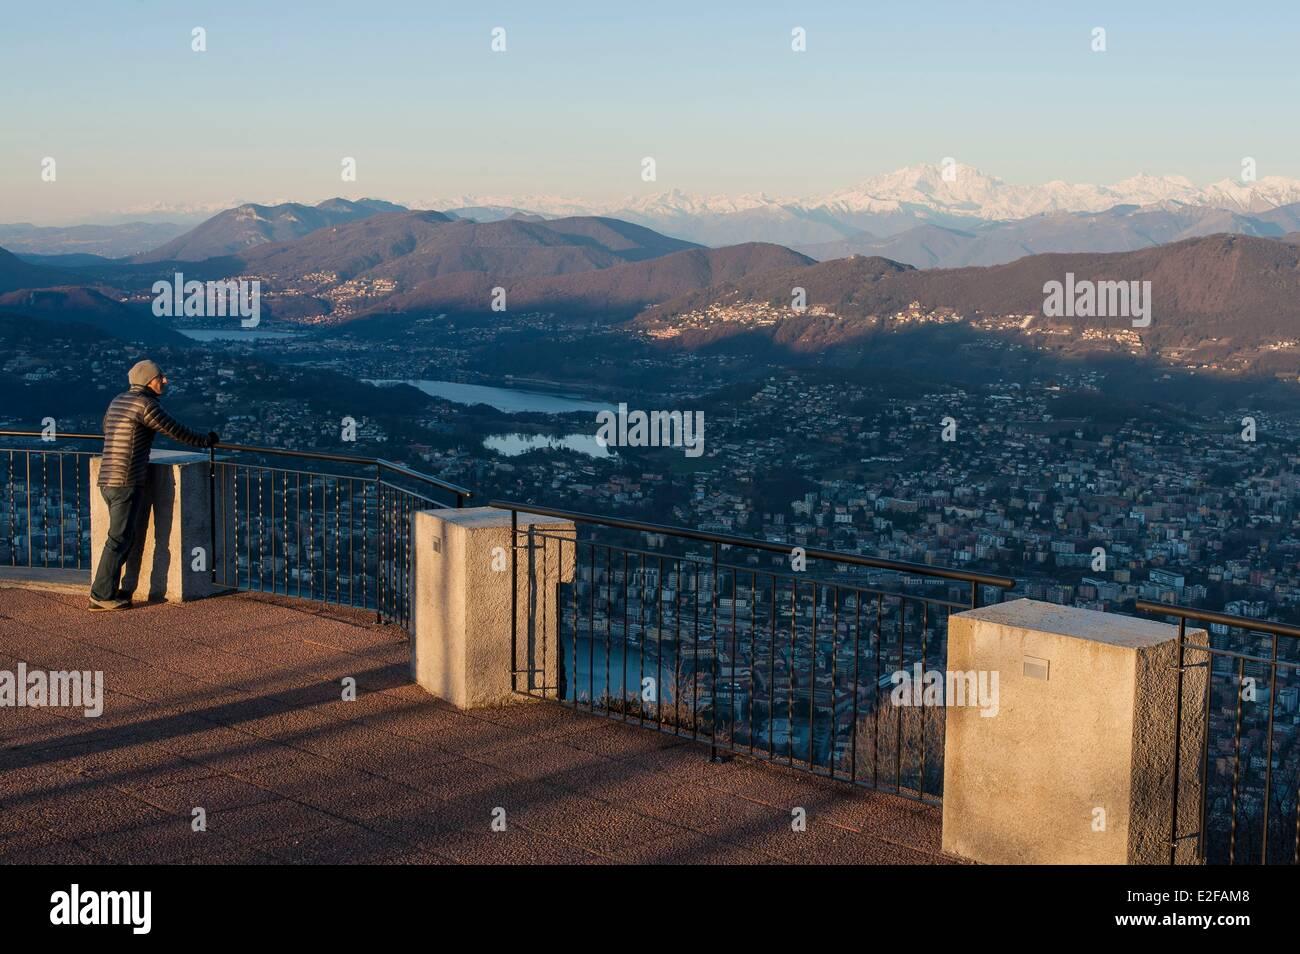 Switzerland, Ticino, Lugano, Monte Bre, view of Lugano Stock Photo